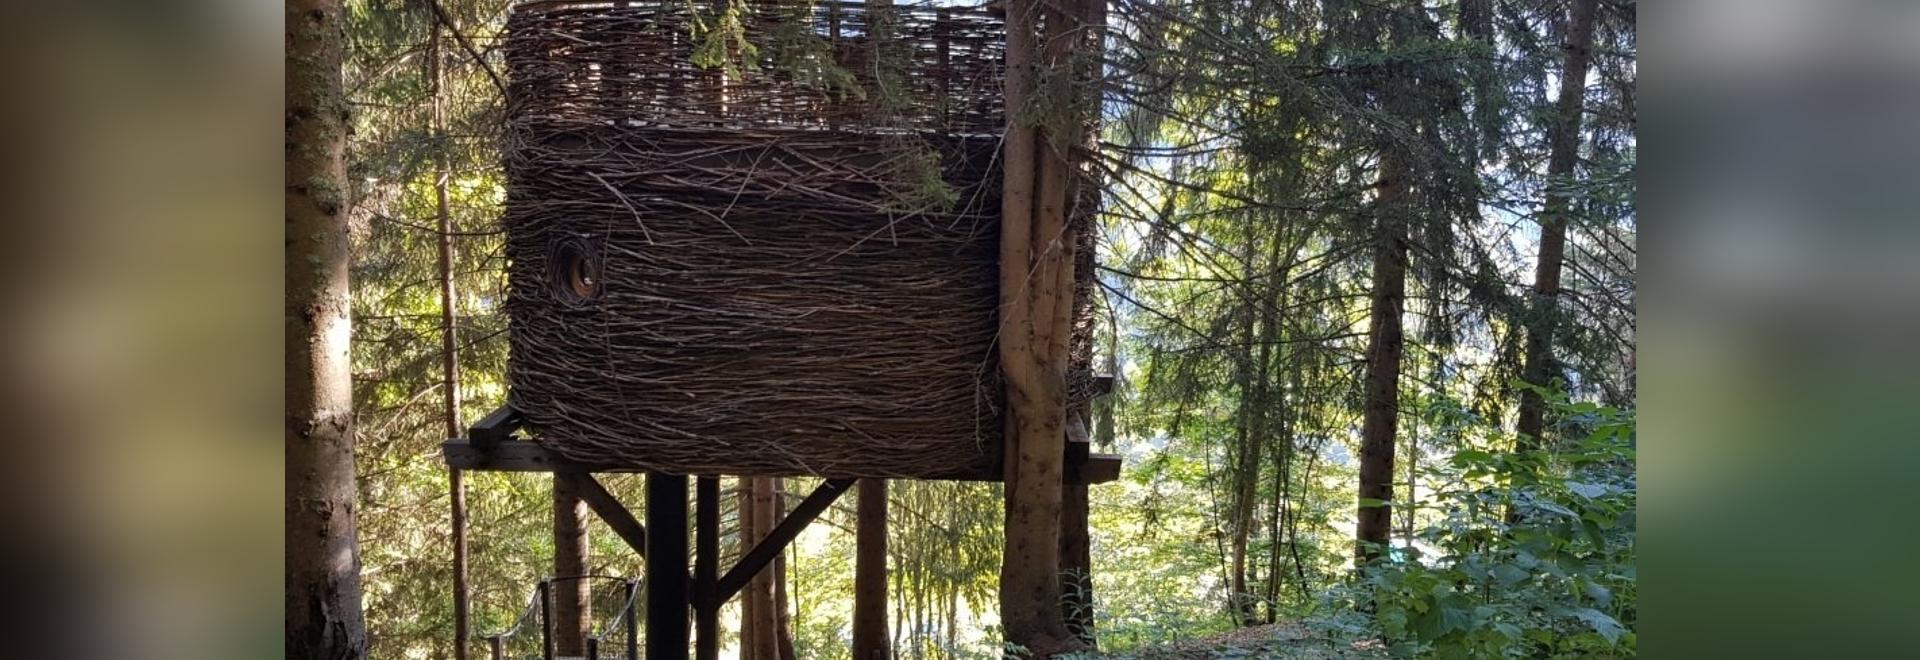 Le Nid, une des luxueuses cabanes dans les arbres de Nicolas Boisrame, fondateur d'Entre Terre et Ciel.